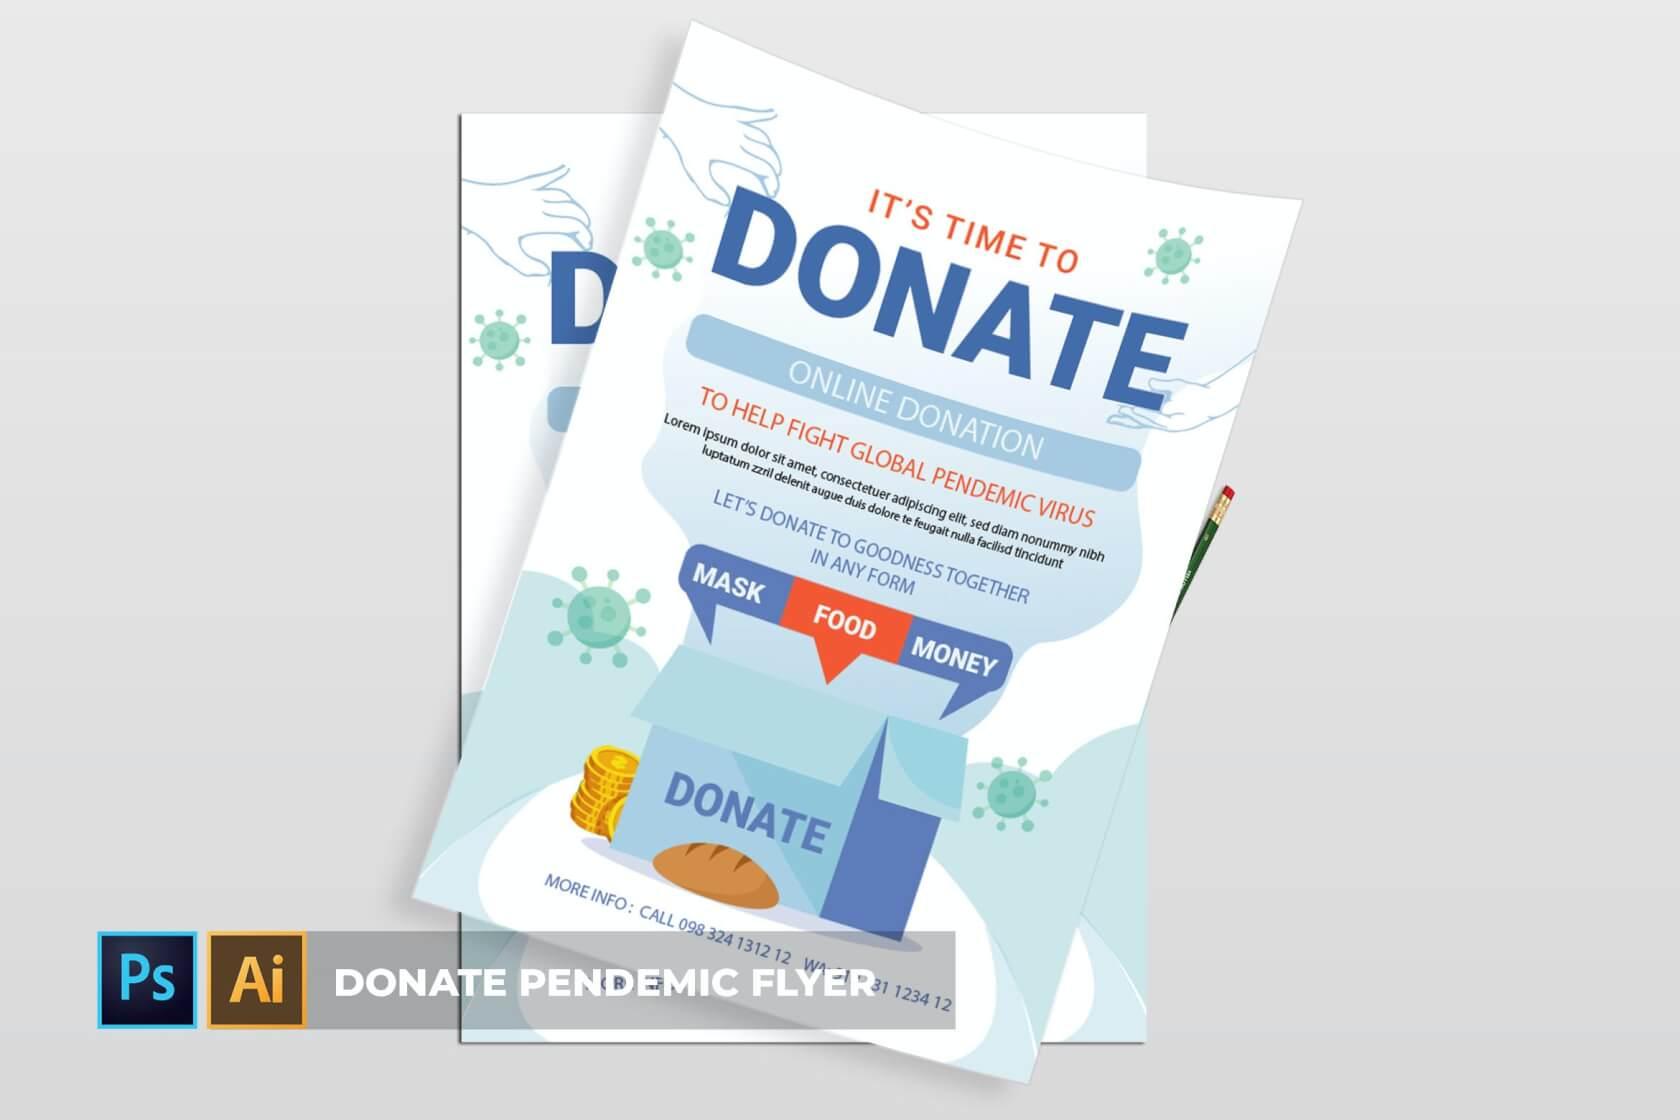 疫情捐赠| 传单海报设计模板